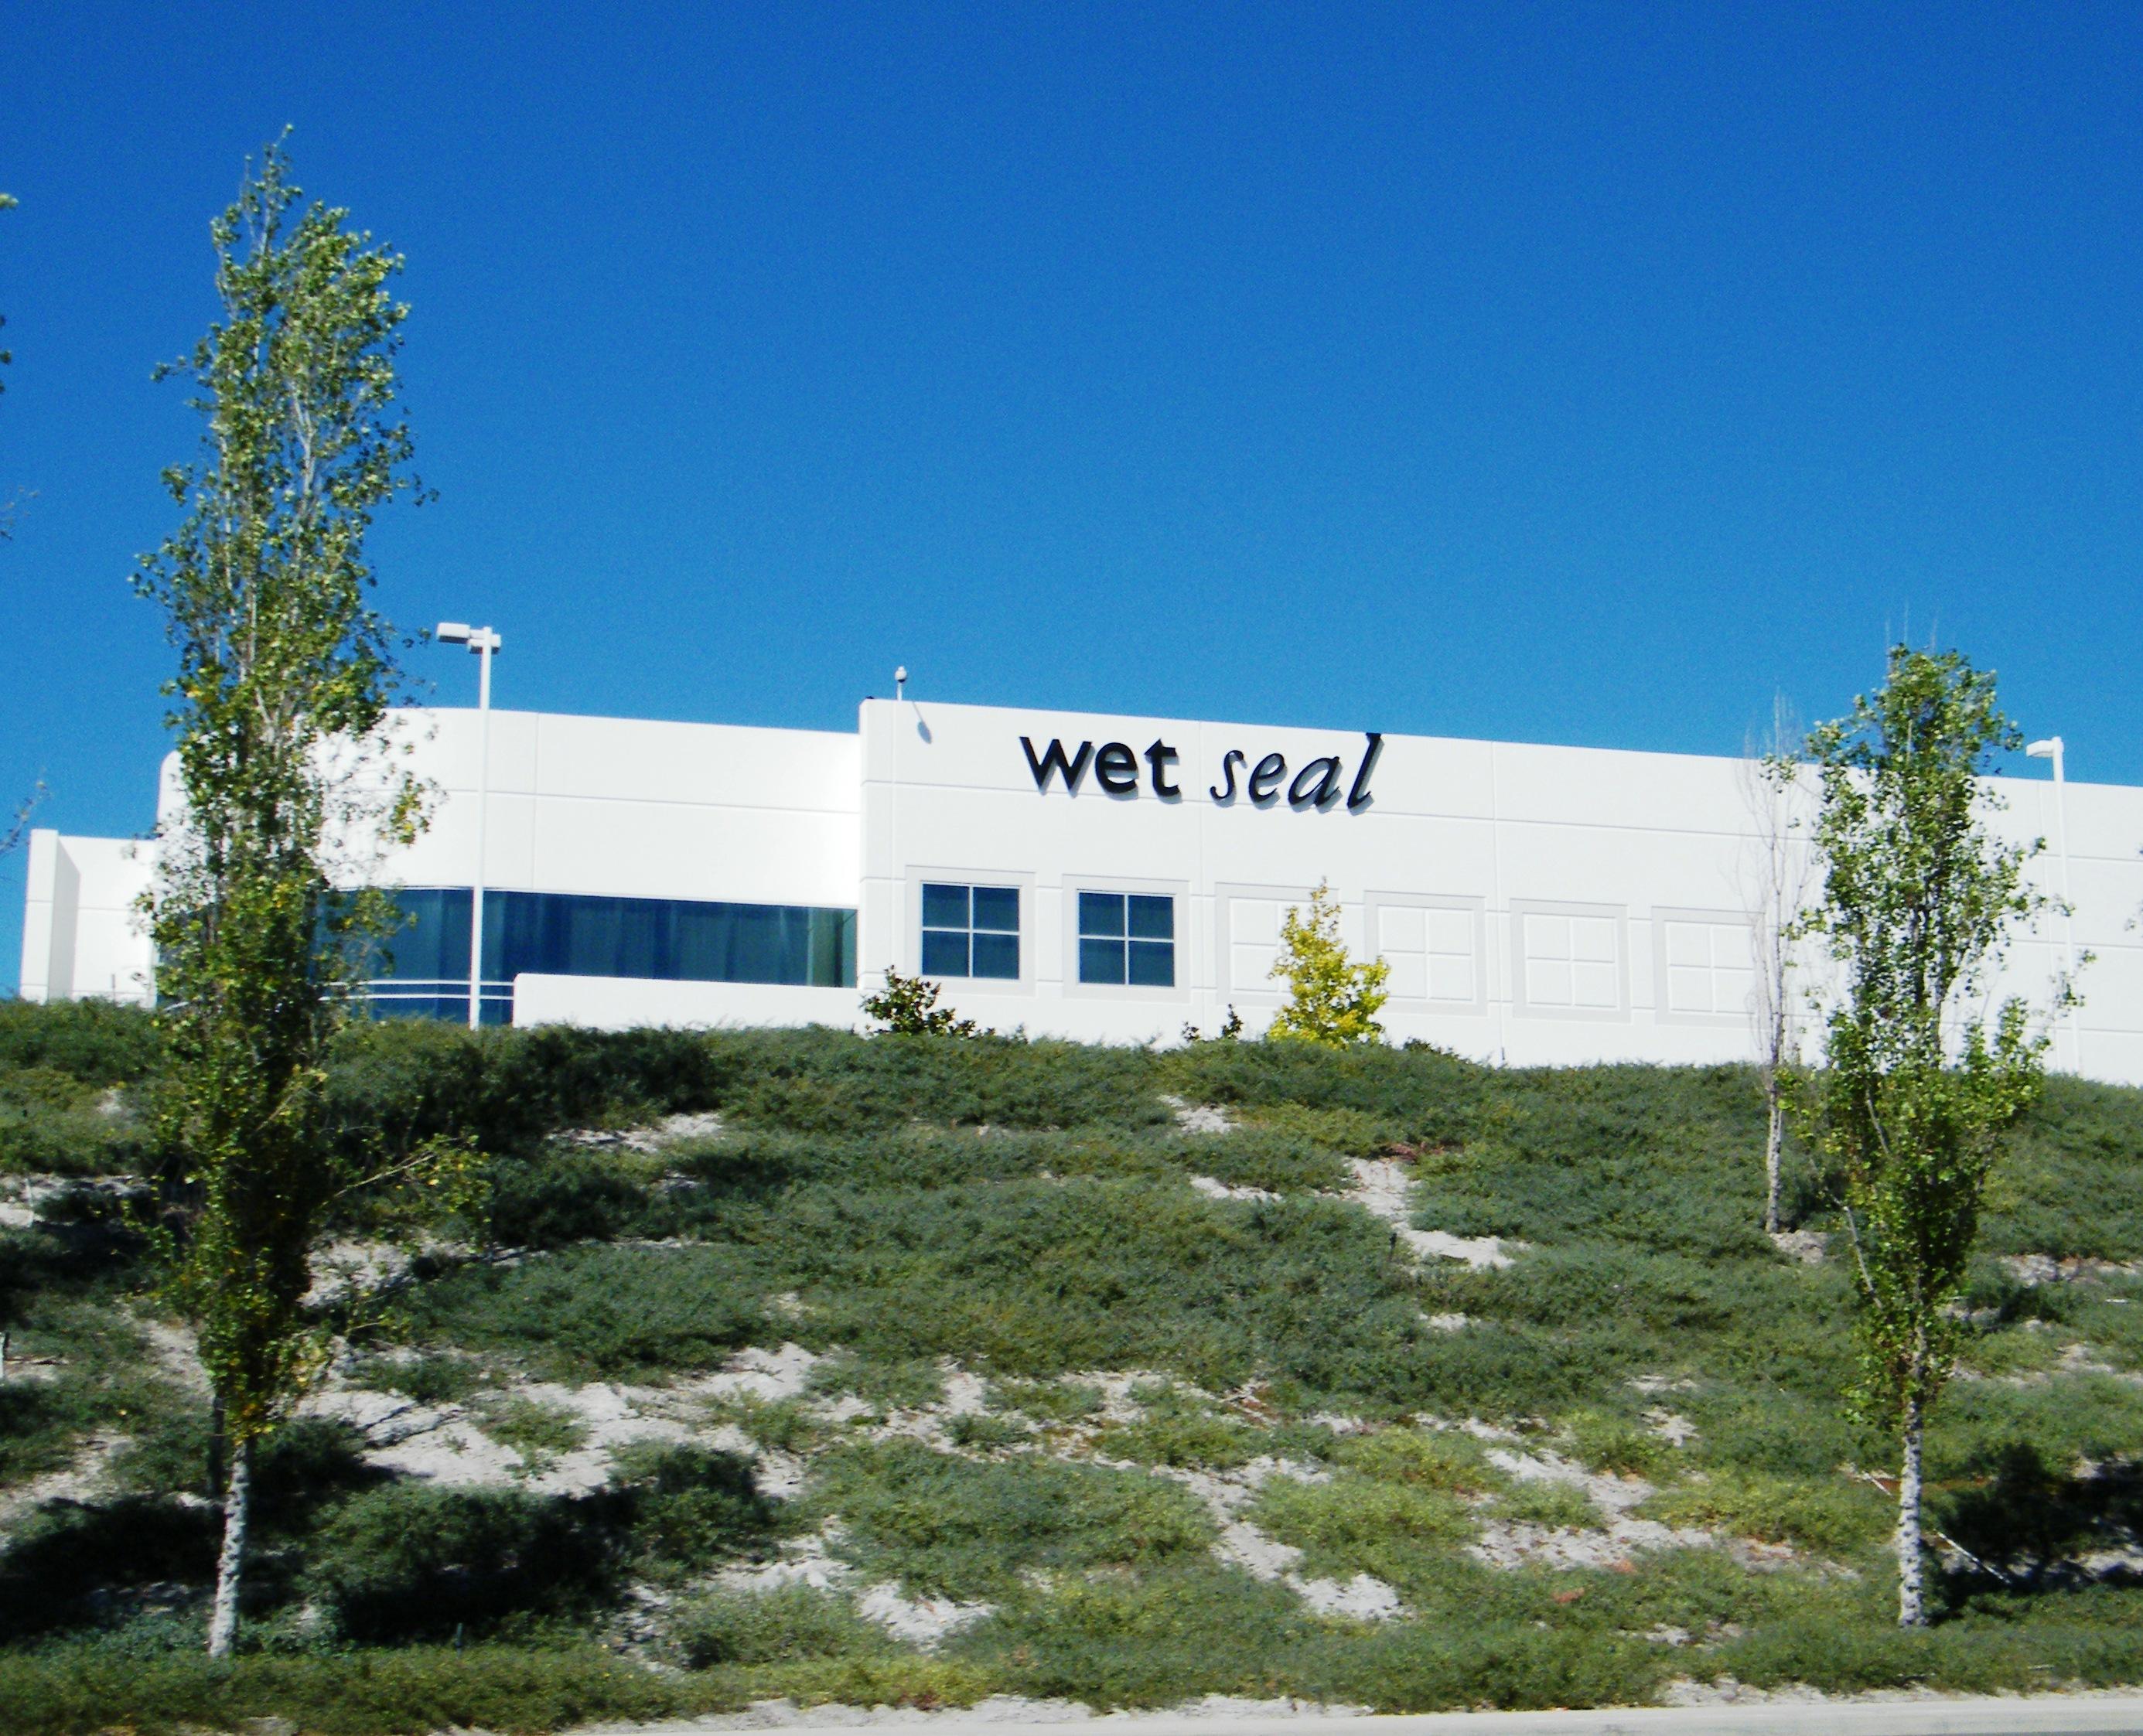 47dbb1f91ba Wet Seal - Wikipedia